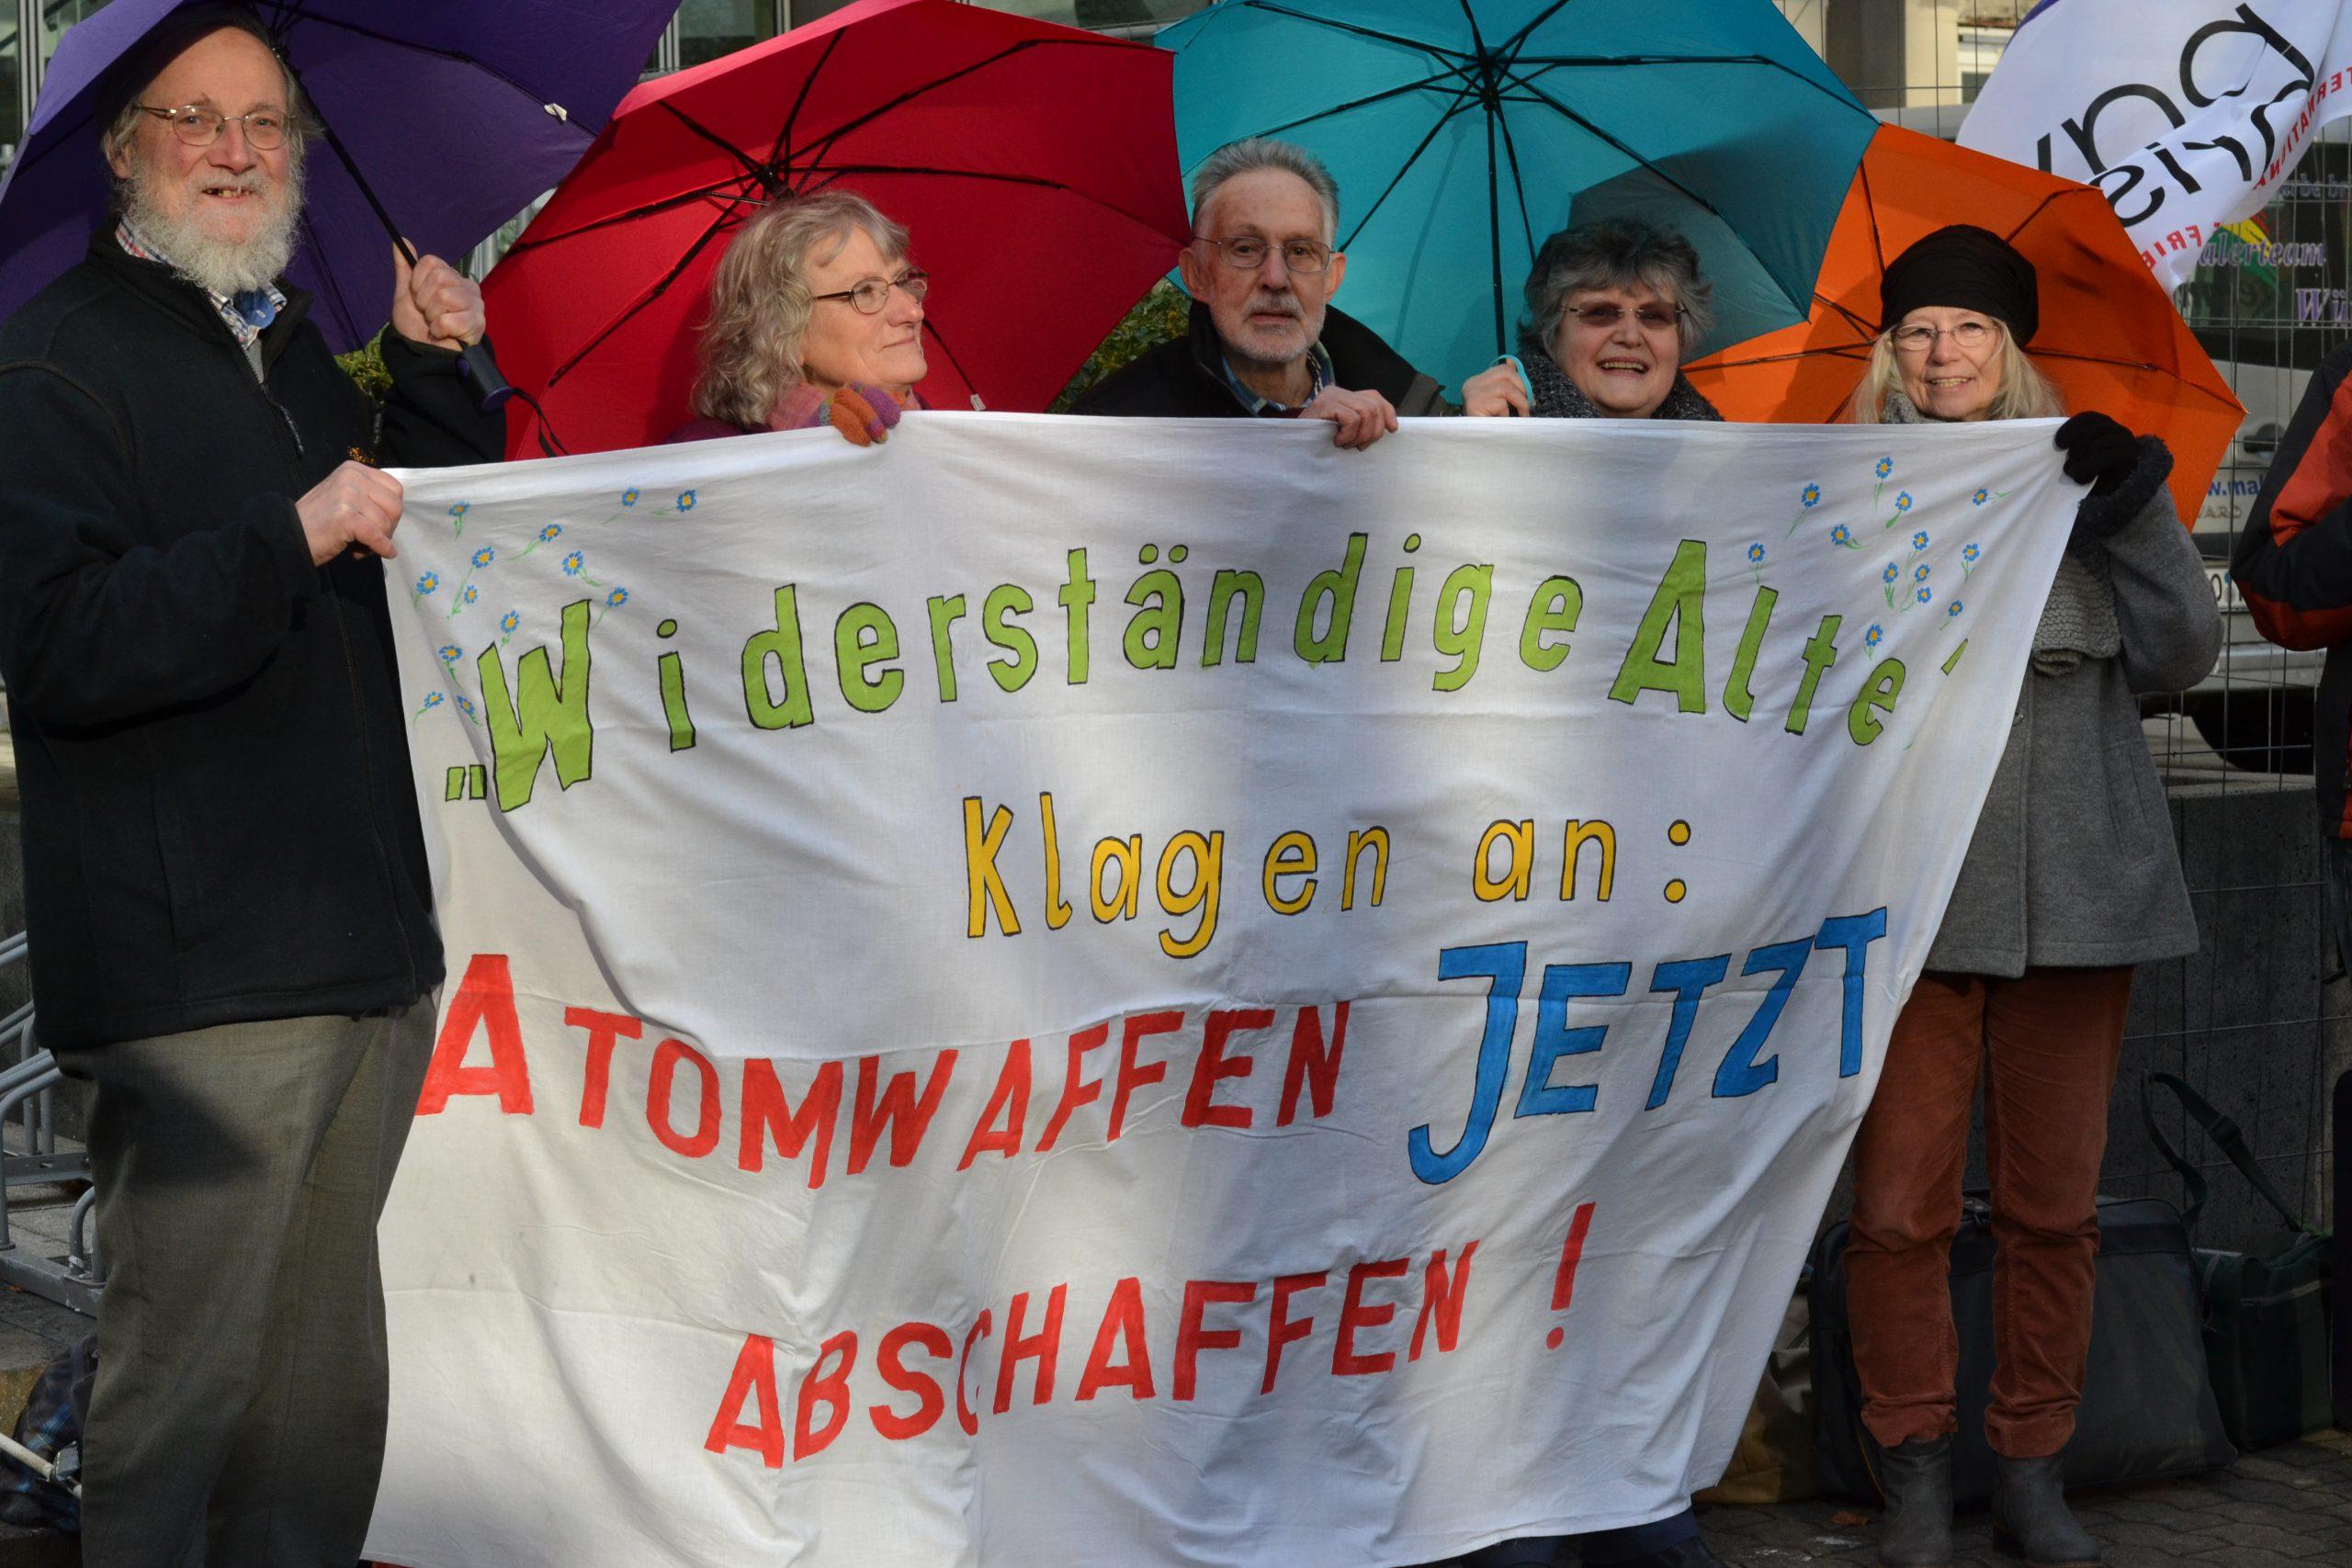 """Fünf ältere Menschen halten jeweils einen bunten Regenschirm hinter sich, während sie gemeinsam ein großes weißes Tuchtransparent tragen, auf dem mit bunten Farben steht """"Widerständige Alte klagen an: ATOMWAFFEN JETZT ABSCHAFFEN!"""